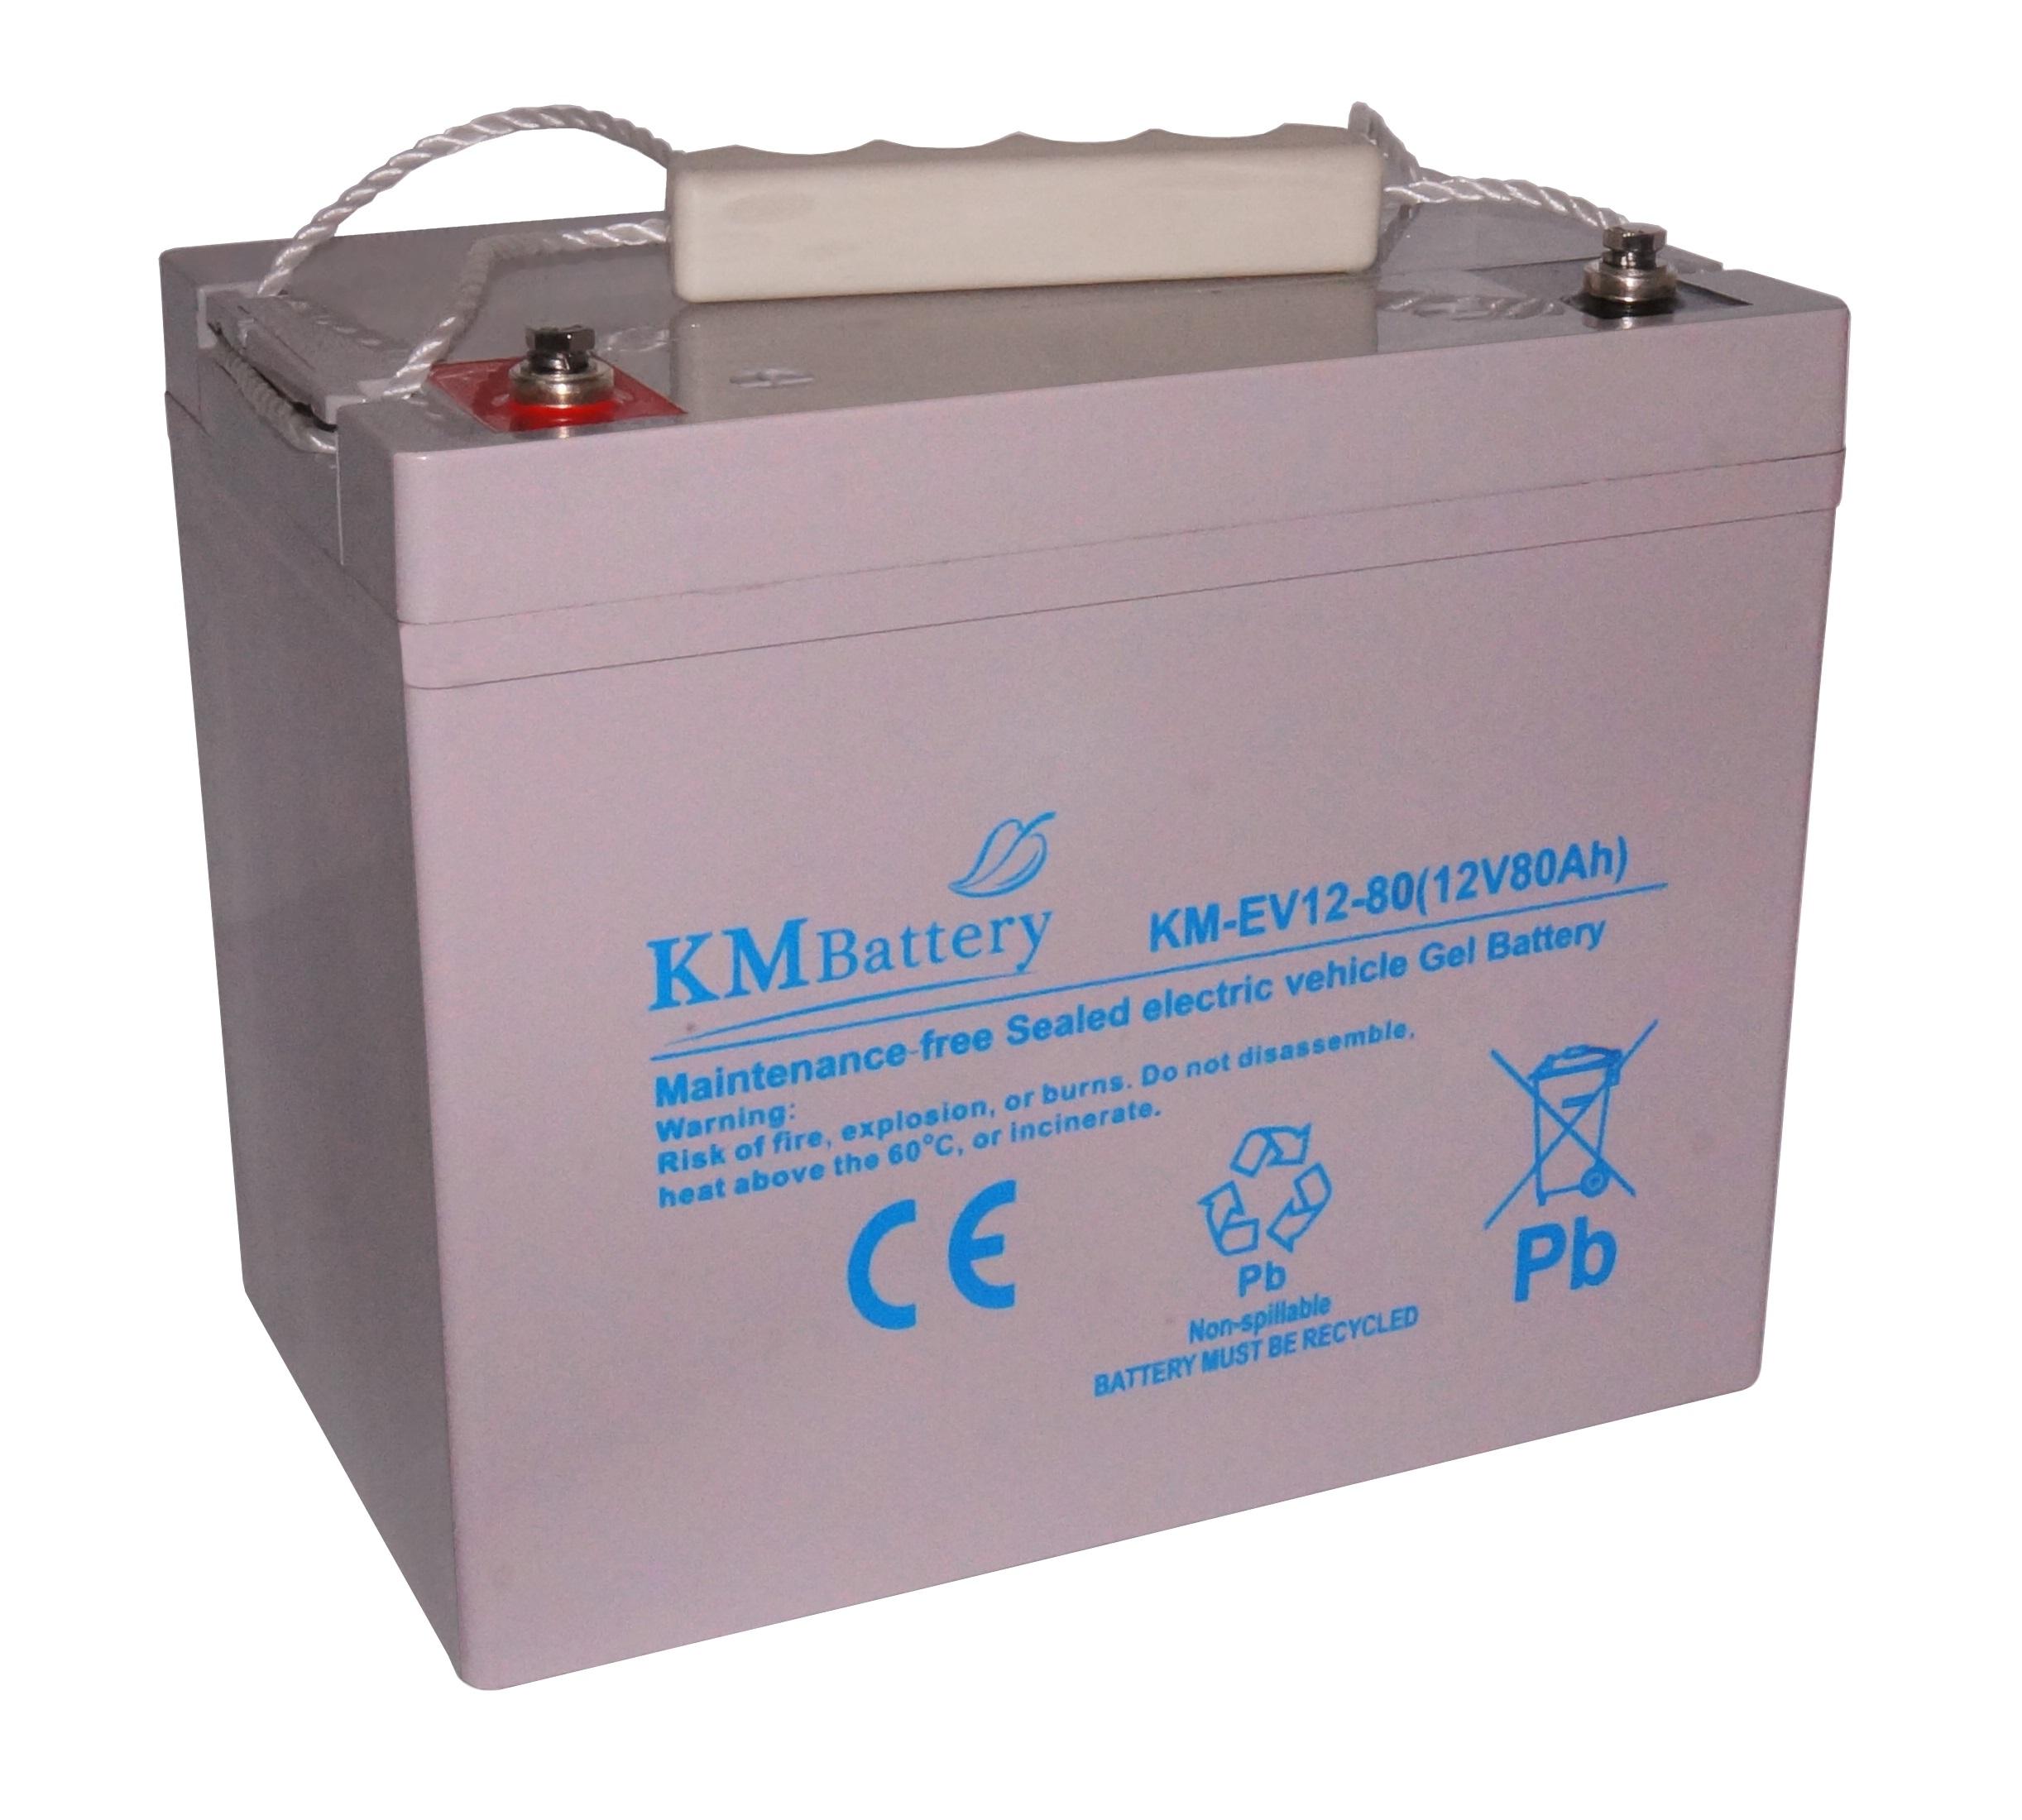 W Mega Akumulator żelowy KM Battery EV80 Ah 12V do pojazdów elektrycznych UF97